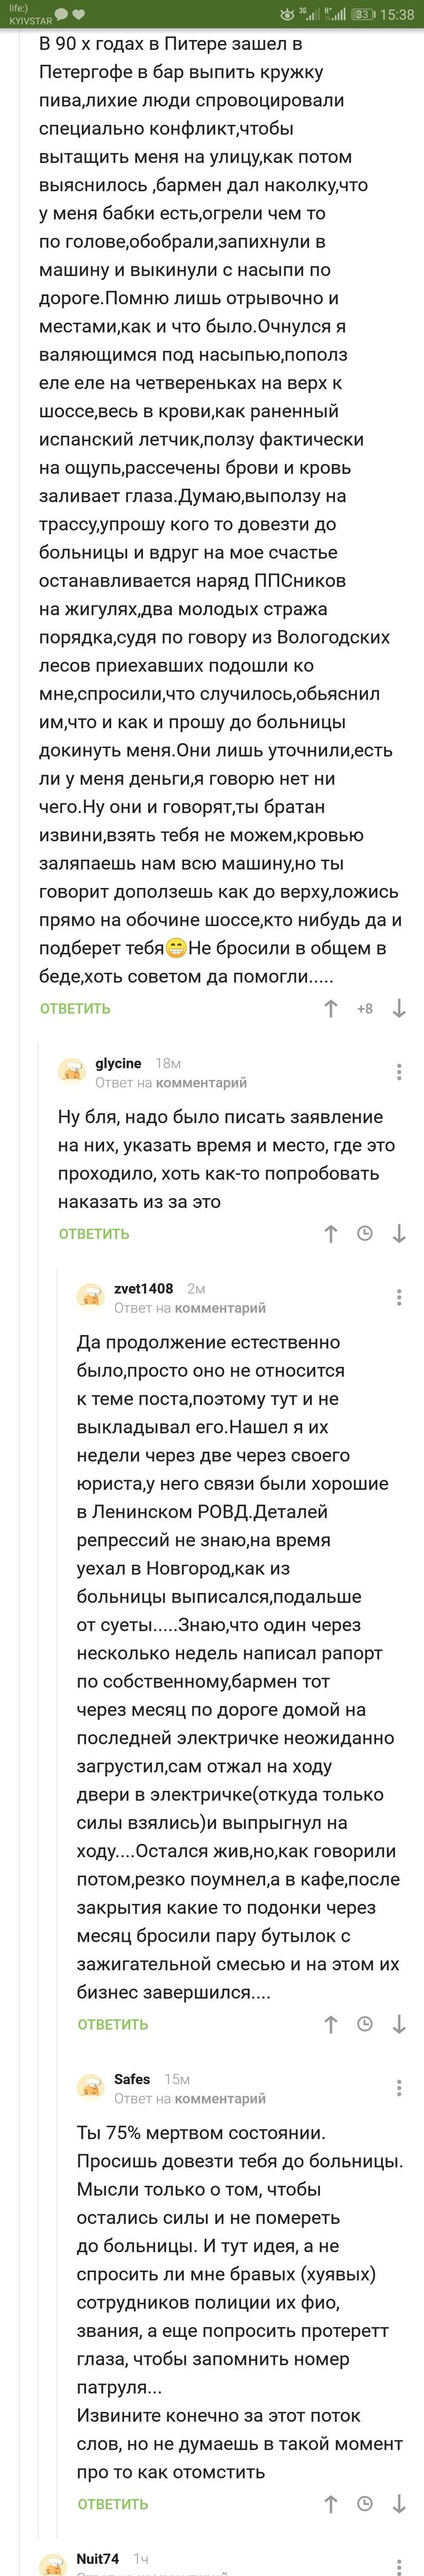 Каратель. Русская версия Скриншот, Россия, Длиннопост